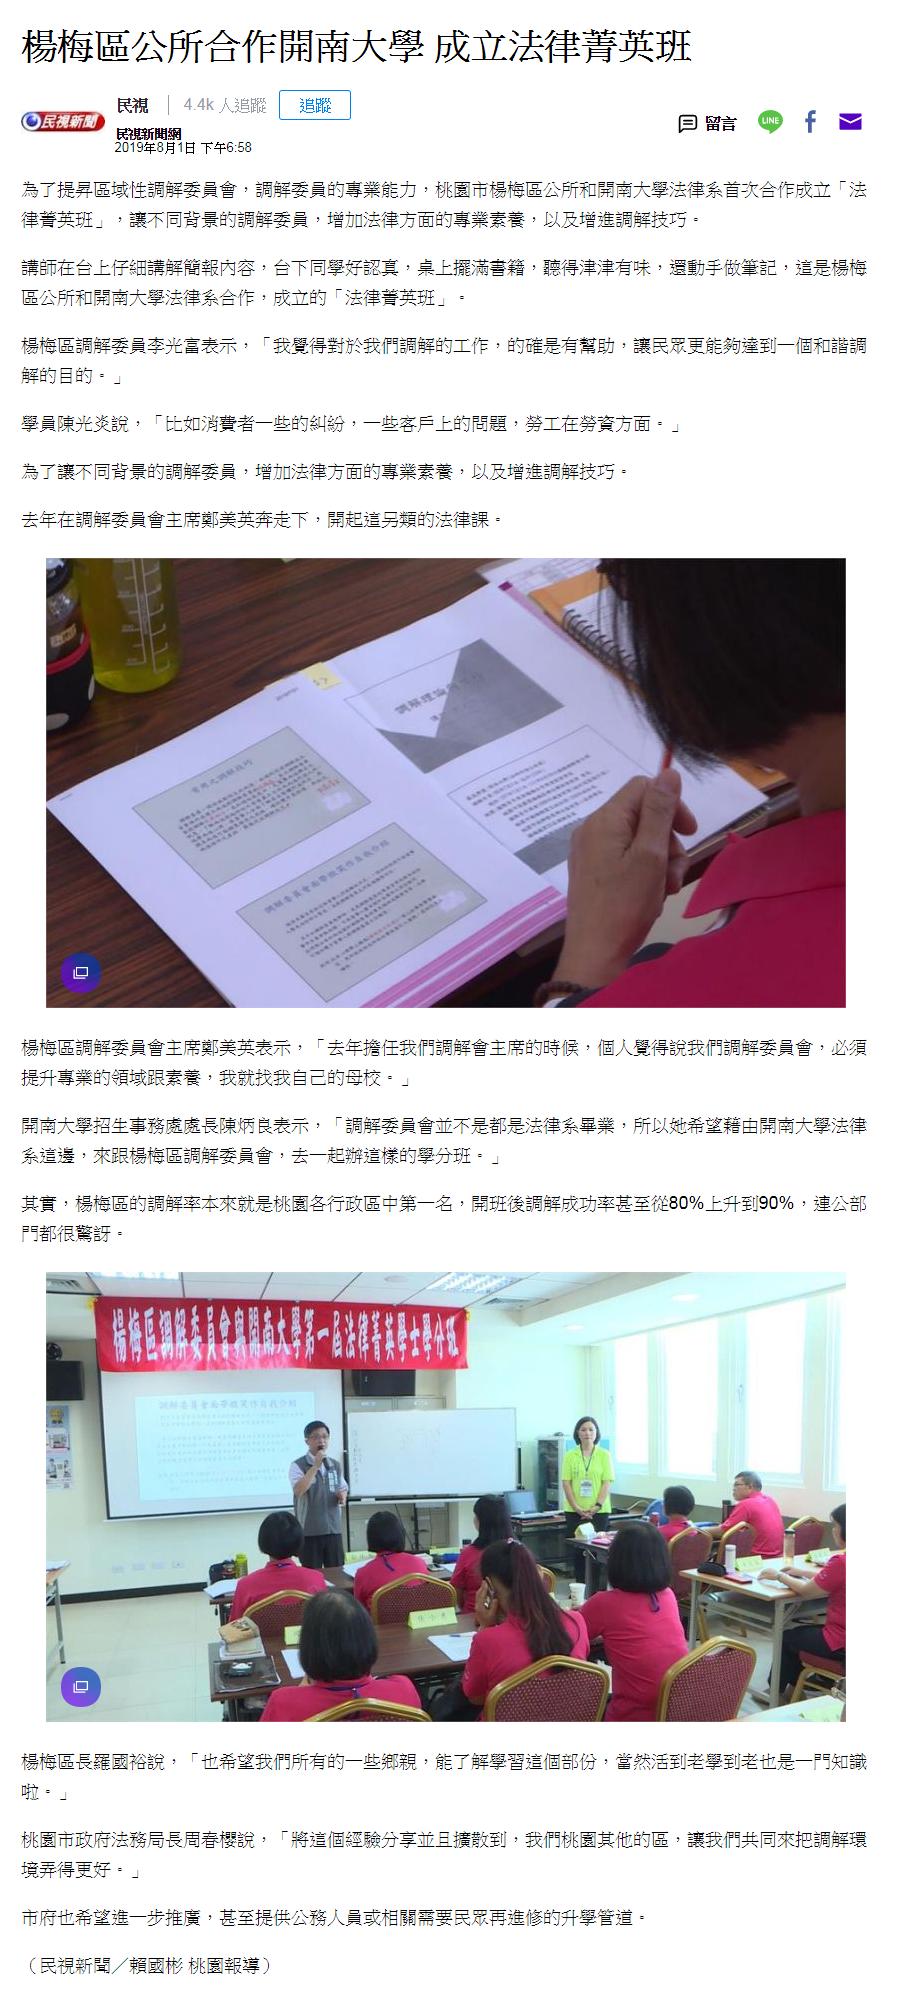 楊梅區公所合作開南大學 成立法律菁英班